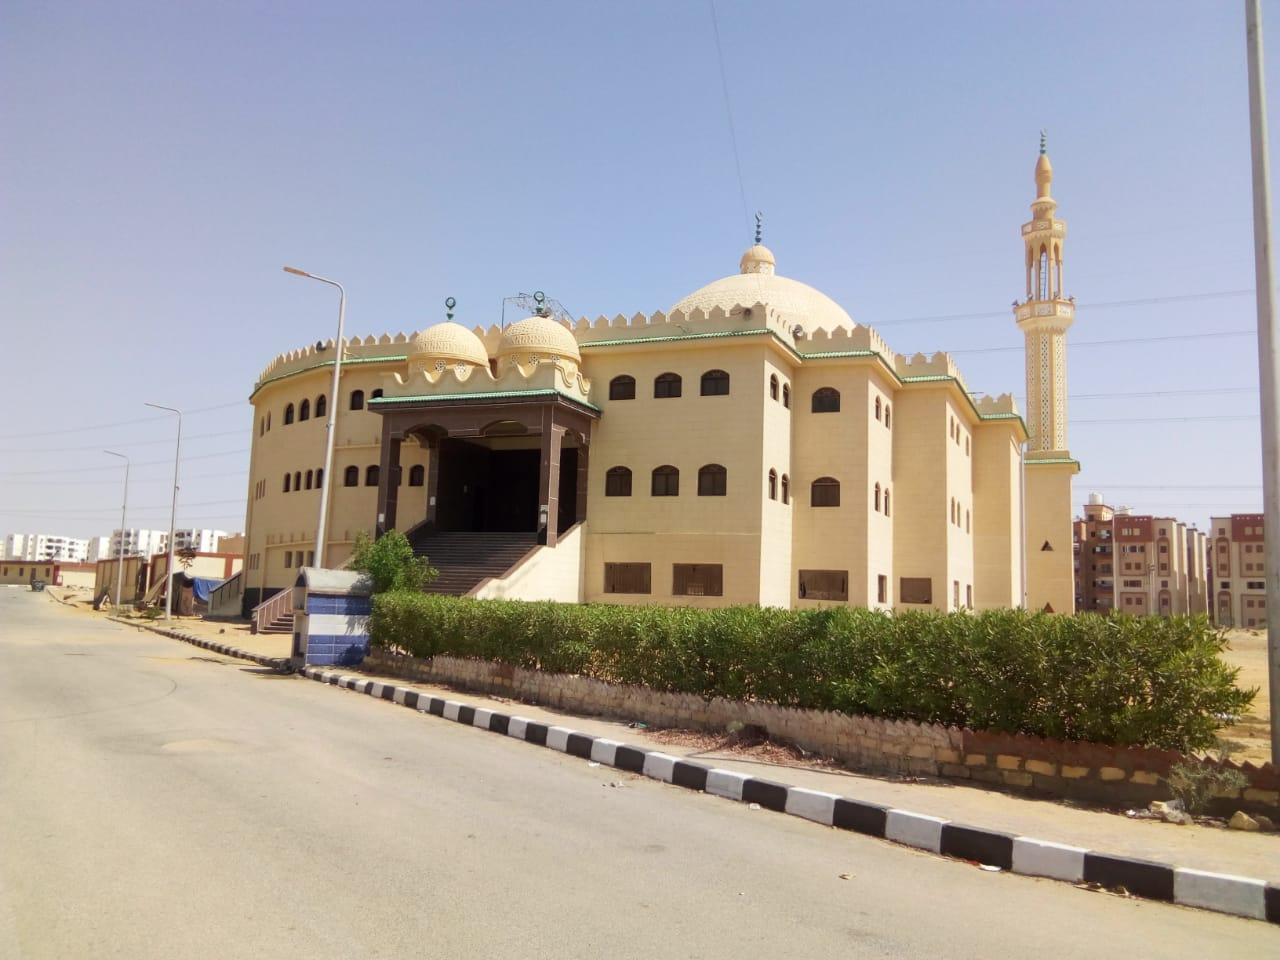 مسجد-المصطفى-مدينة-الملك-عبد-الله-السويس